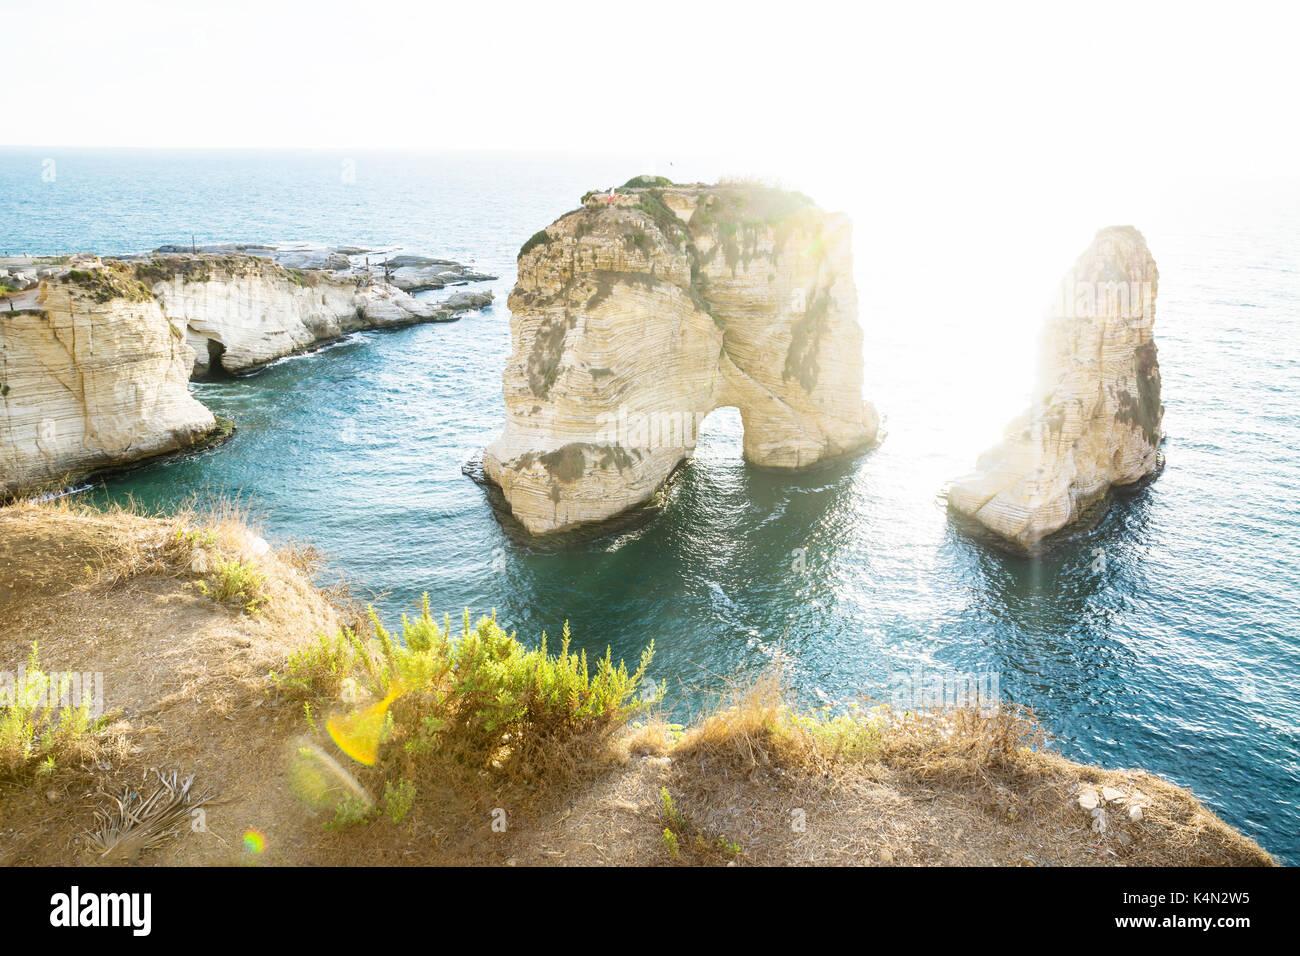 Pigeon rock avec rétro-éclairage du soleil, Beyrouth, Liban Photo Stock